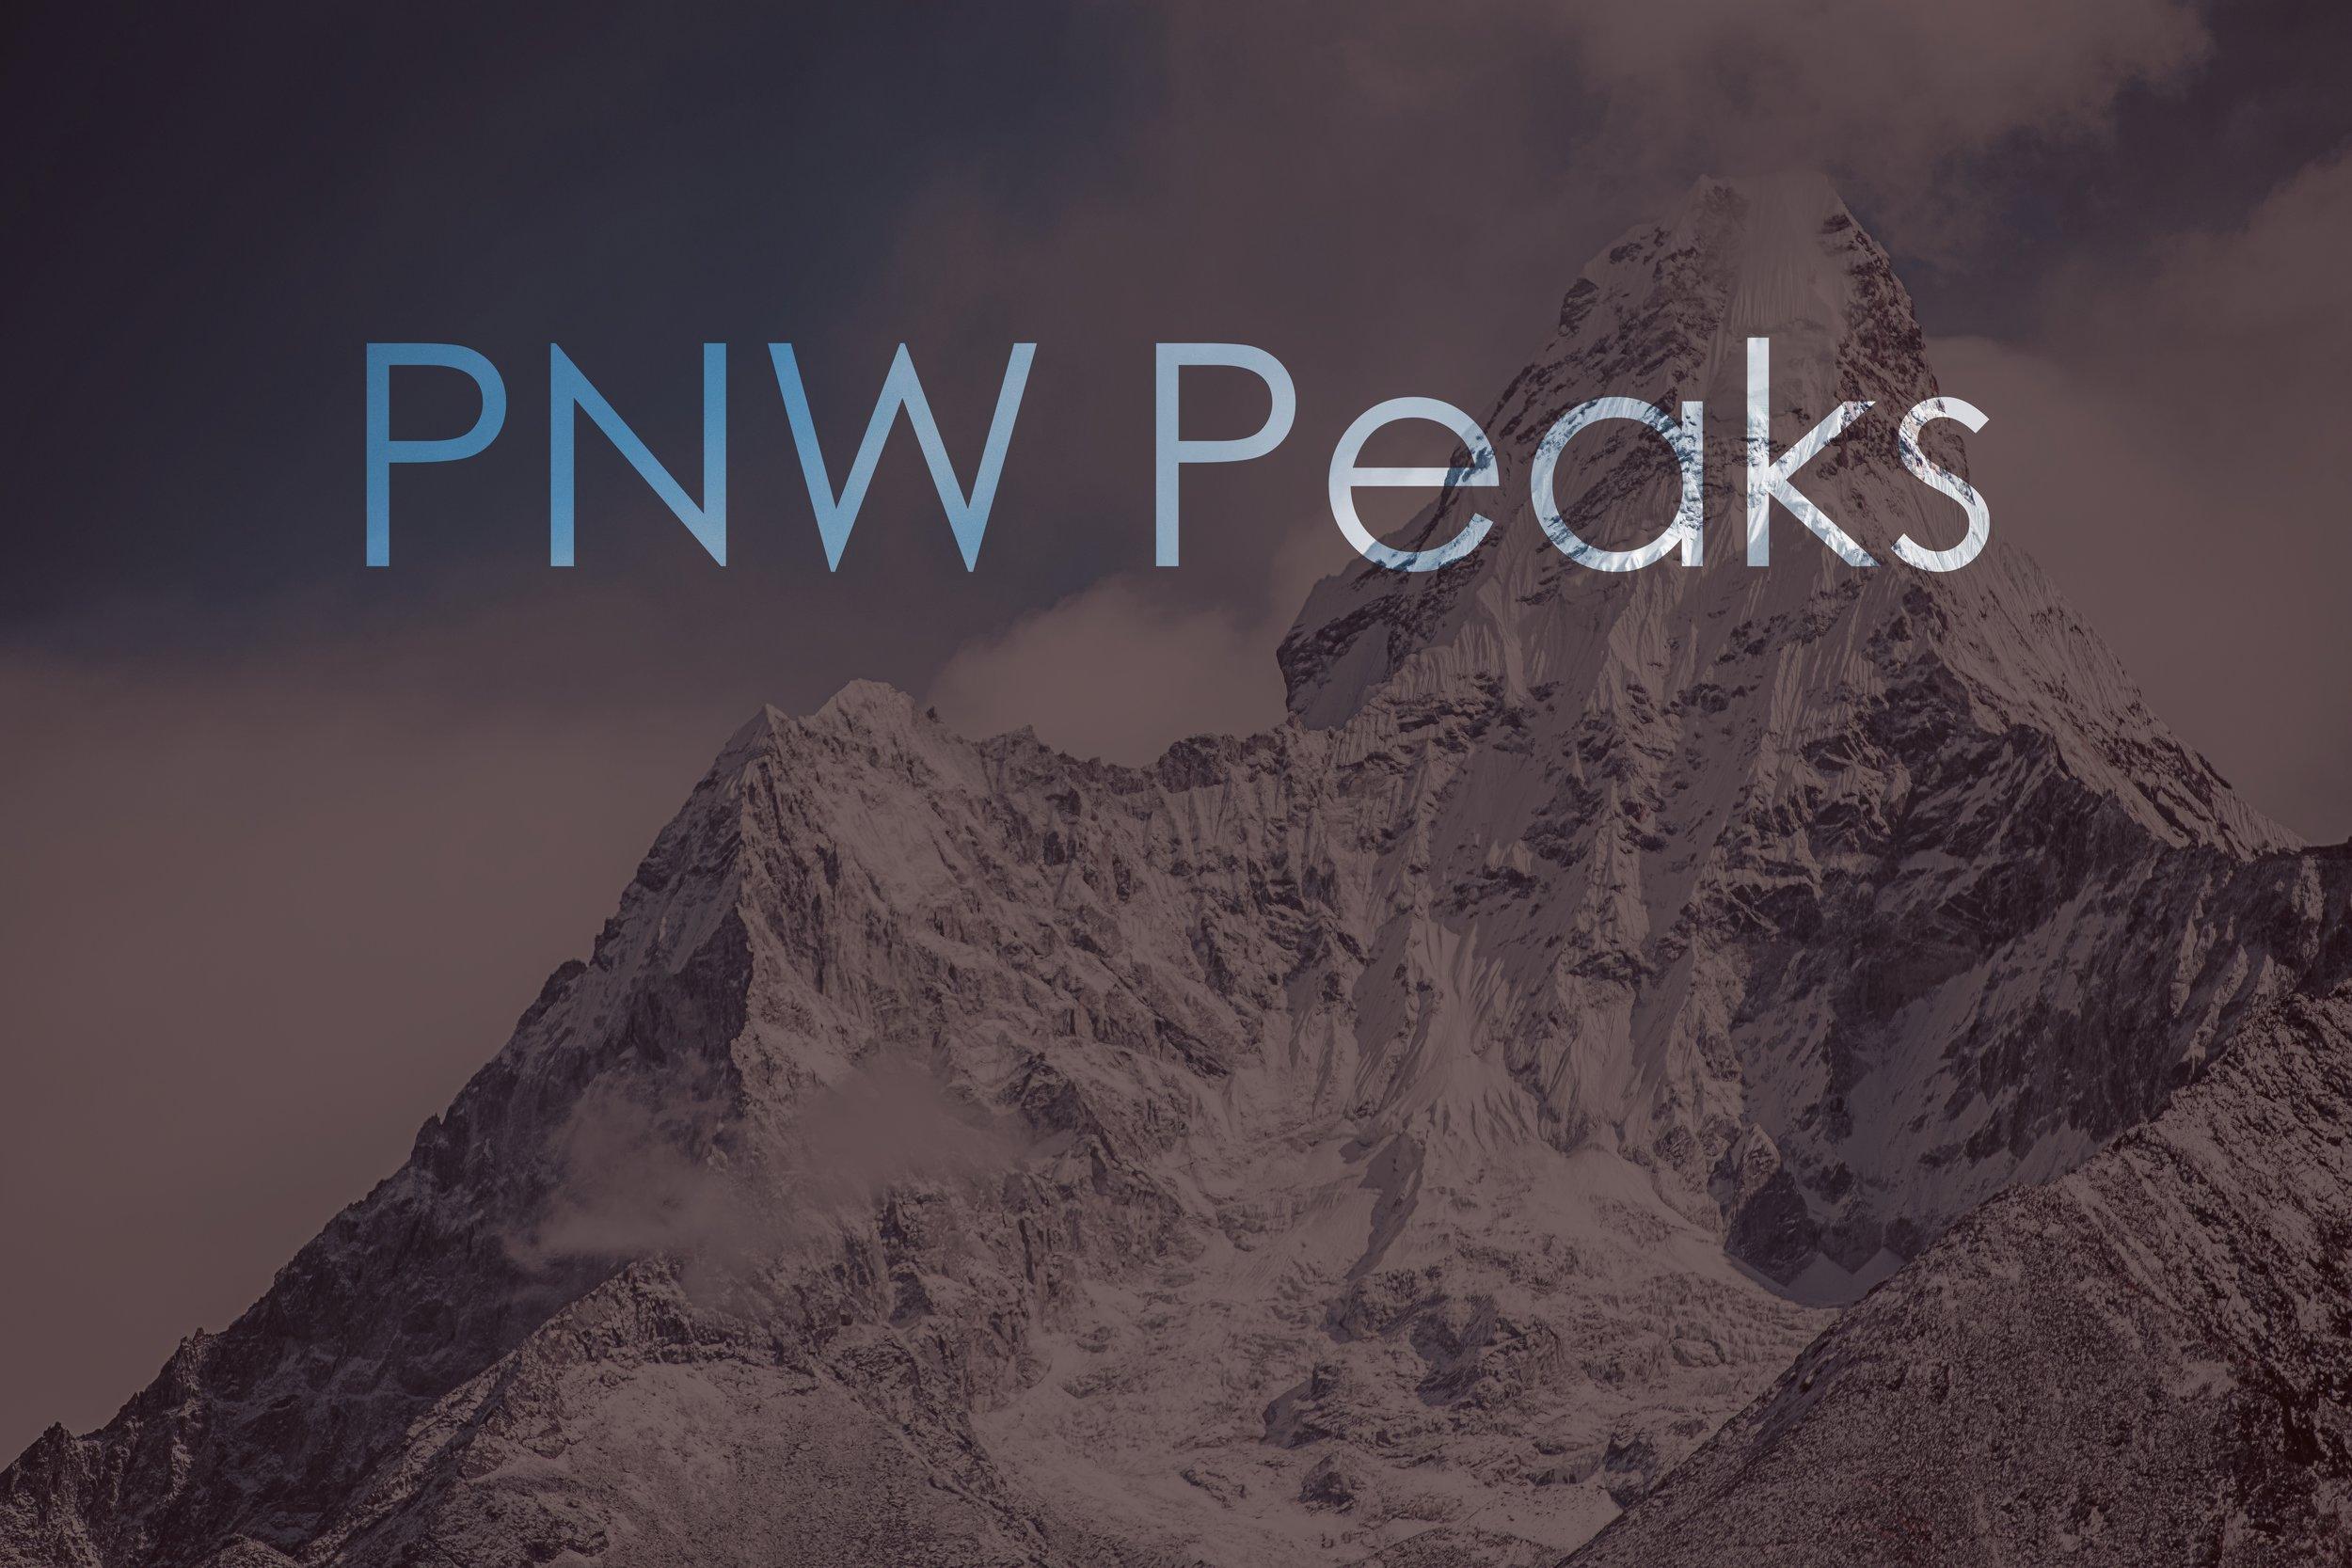 PNW peaks.jpg